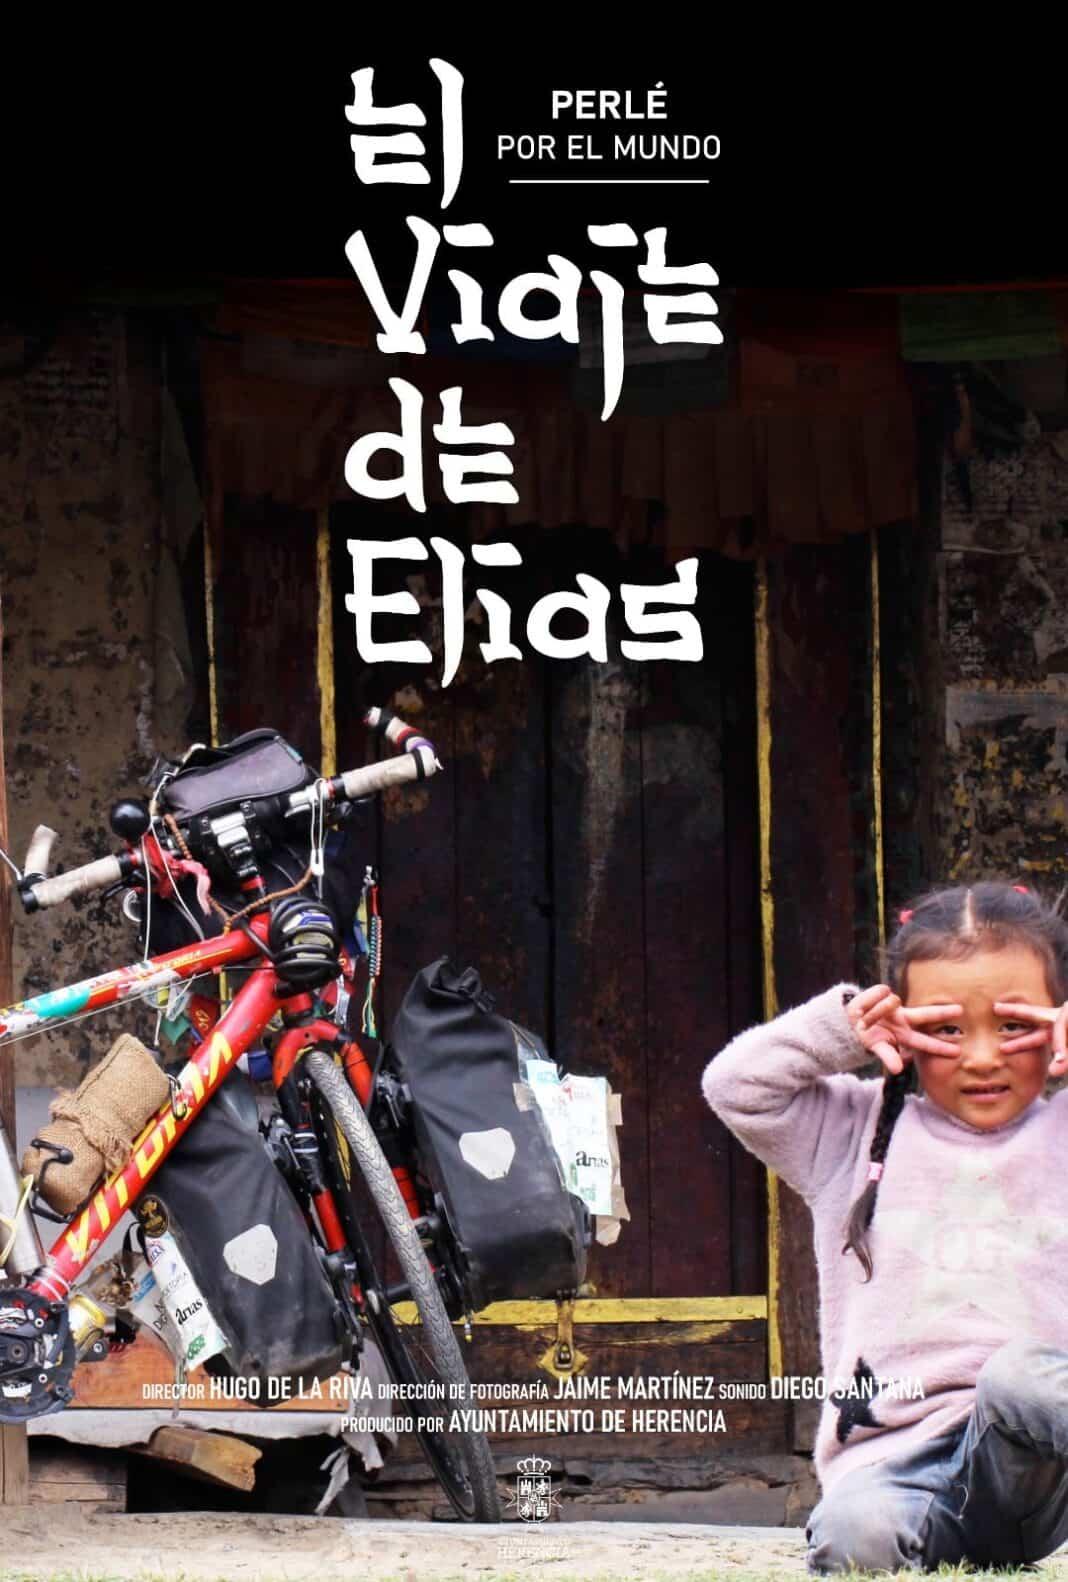 """Presentación del documental """"El viaje de Elías"""" dirigido por Hugo de la Riva 1"""